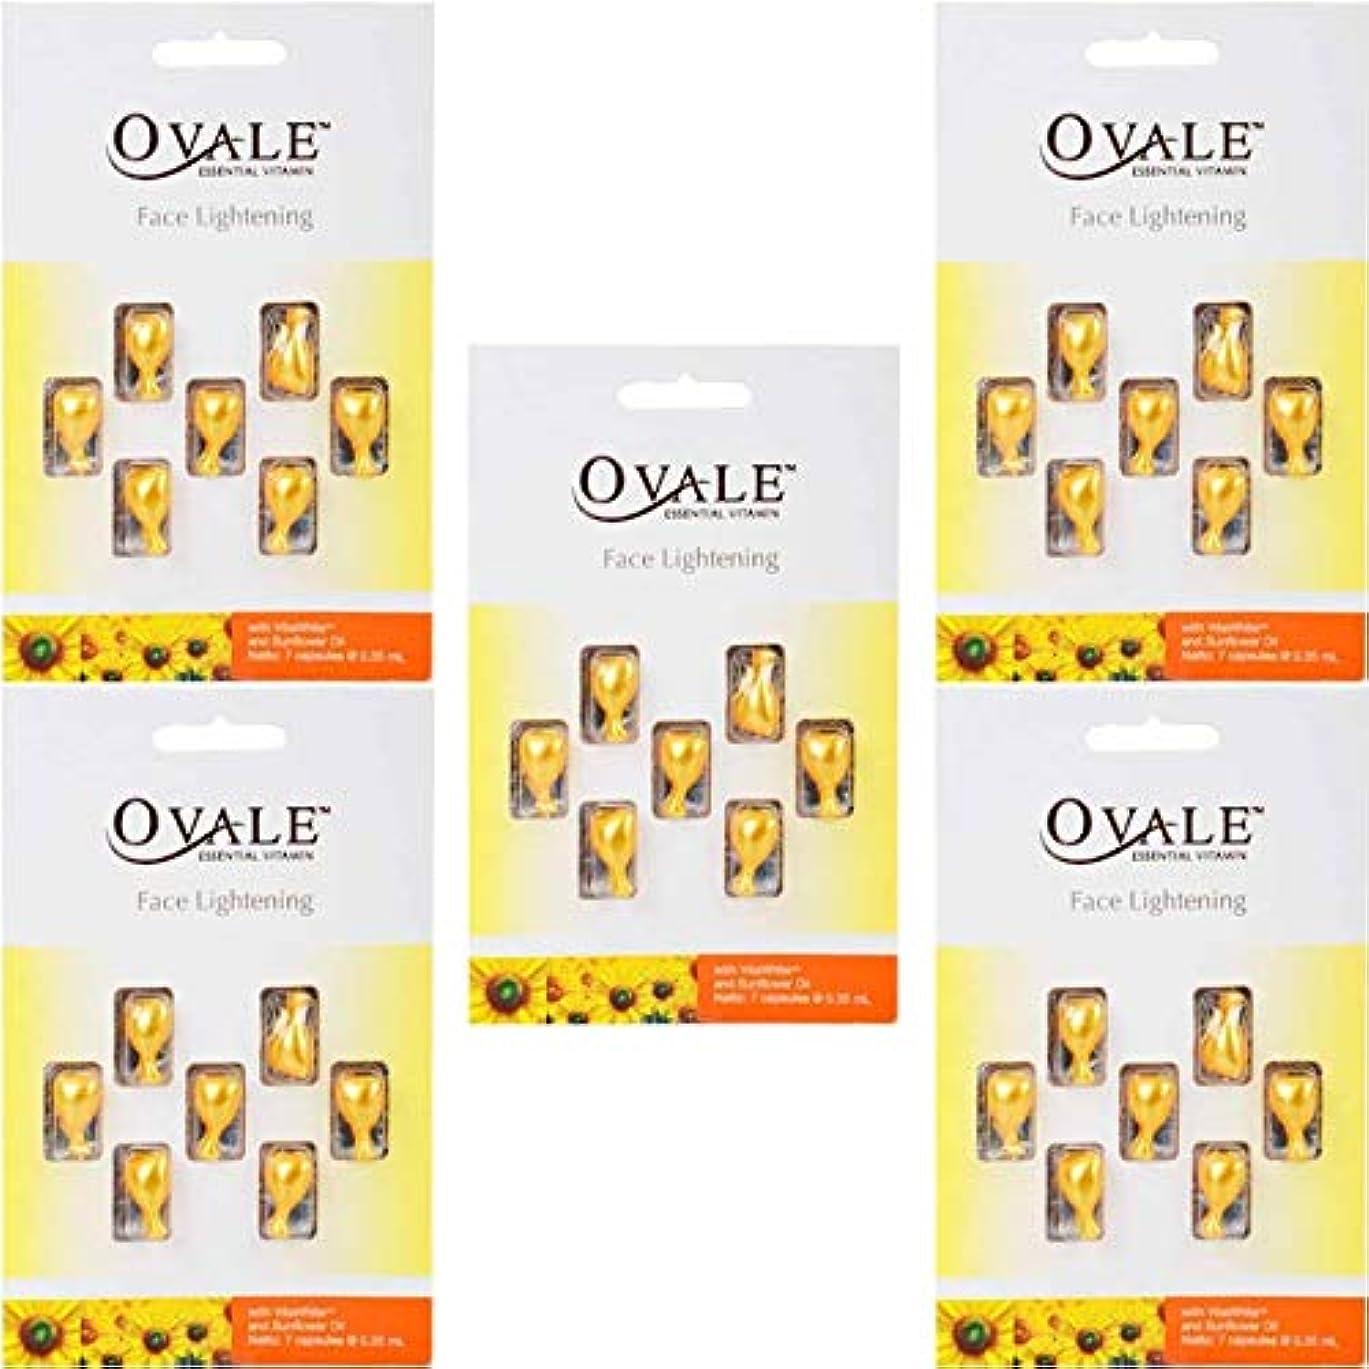 ブラウズ付添人冗長Ovale オーバル フェイシャル美容液 essential vitamin エッセンシャルビタミン 7粒入シート×5枚セット サンフラワー [海外直送品]